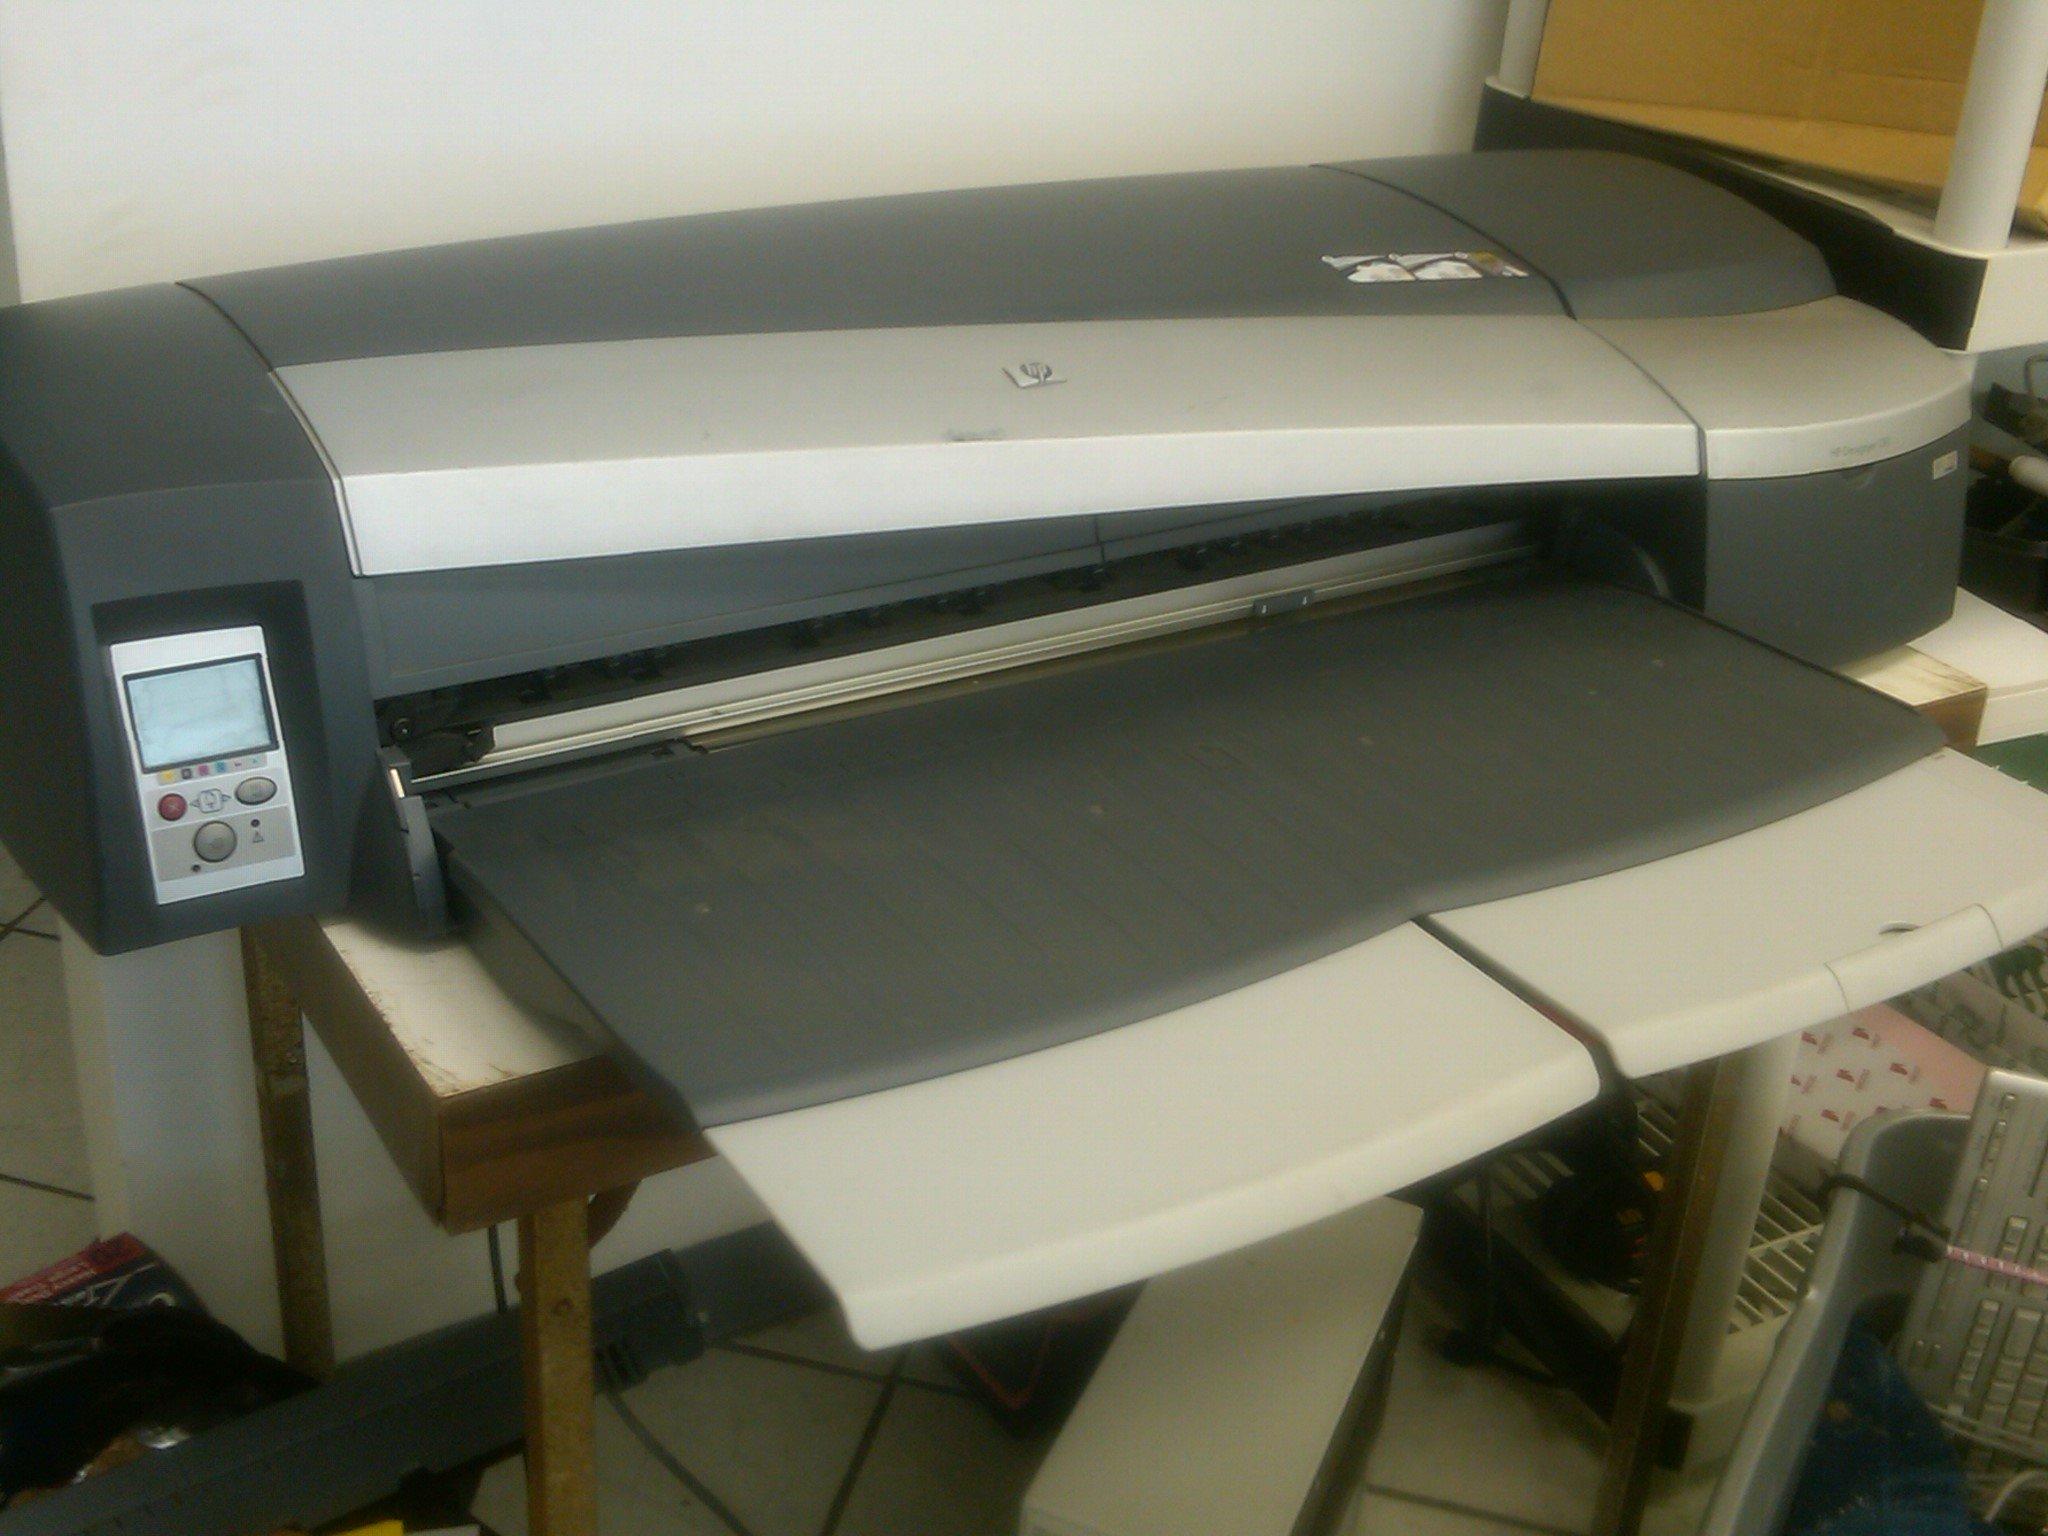 HP Impresora HP Designjet 130r - Impresora de gran formato (PCL 3 ...